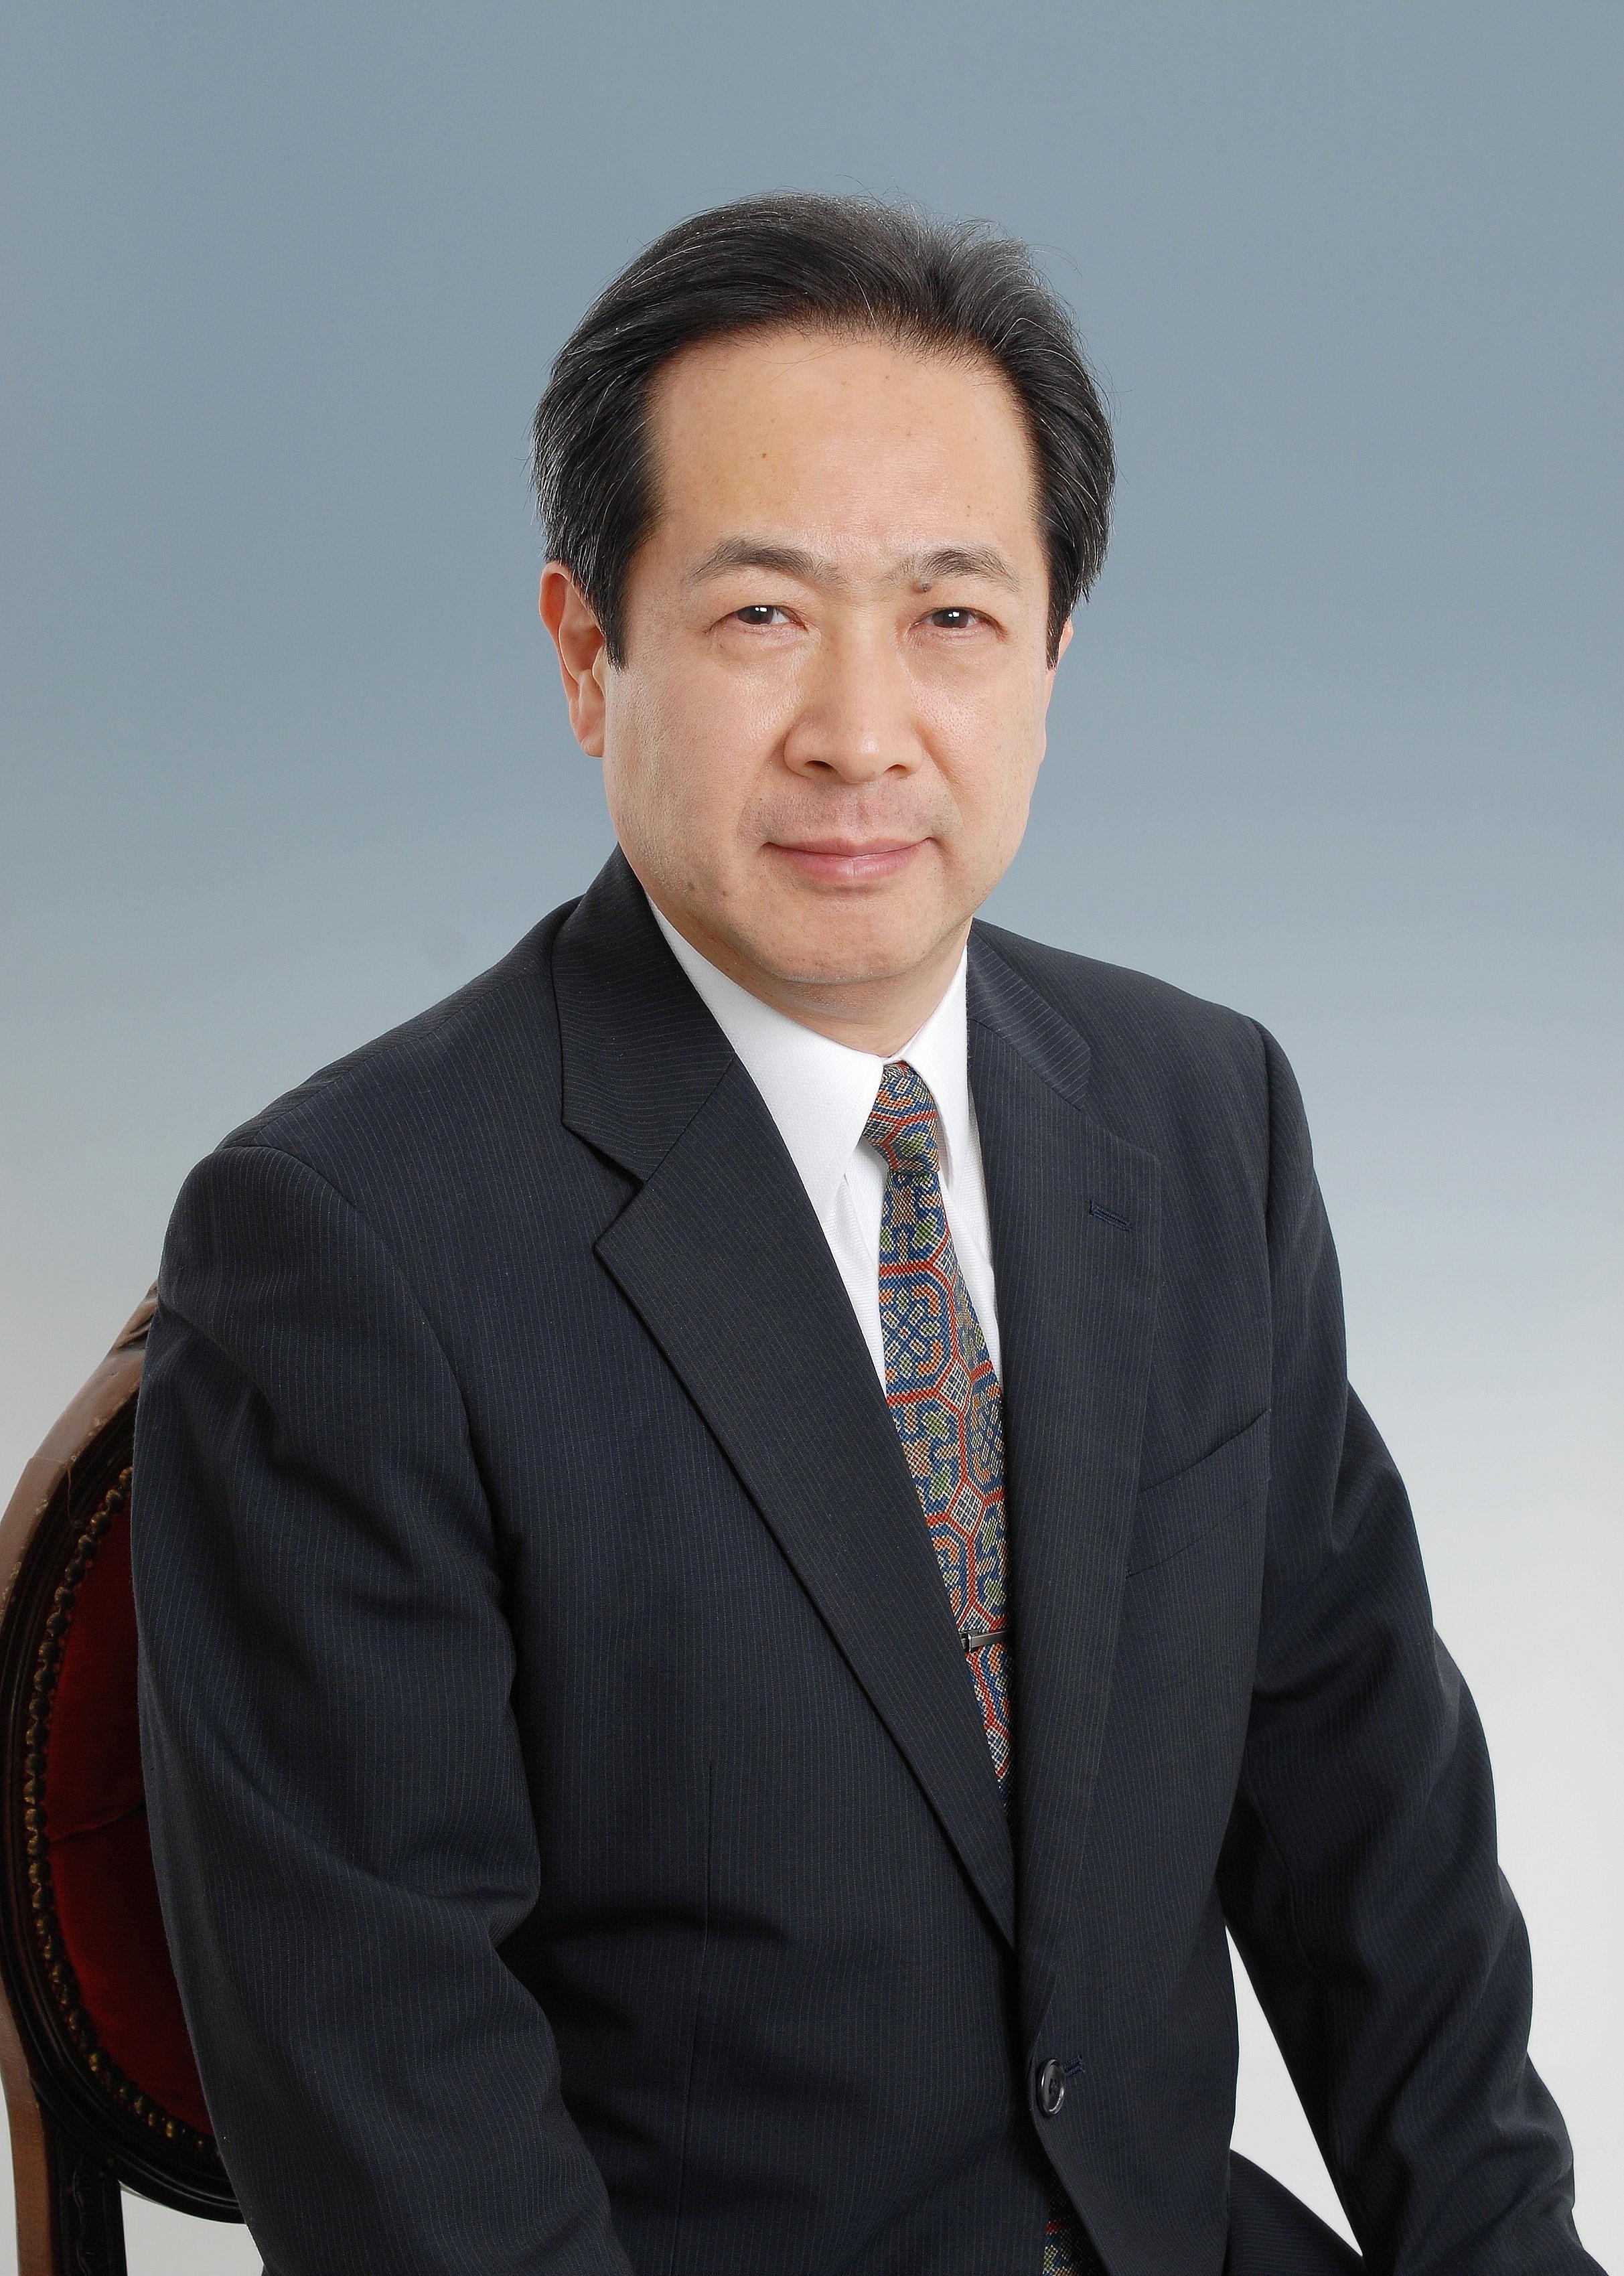 東京家政学院大学 特別公開講座(千代田三番町キャンパス)の開講について 「健診を受けて、健康日本21を実現する」